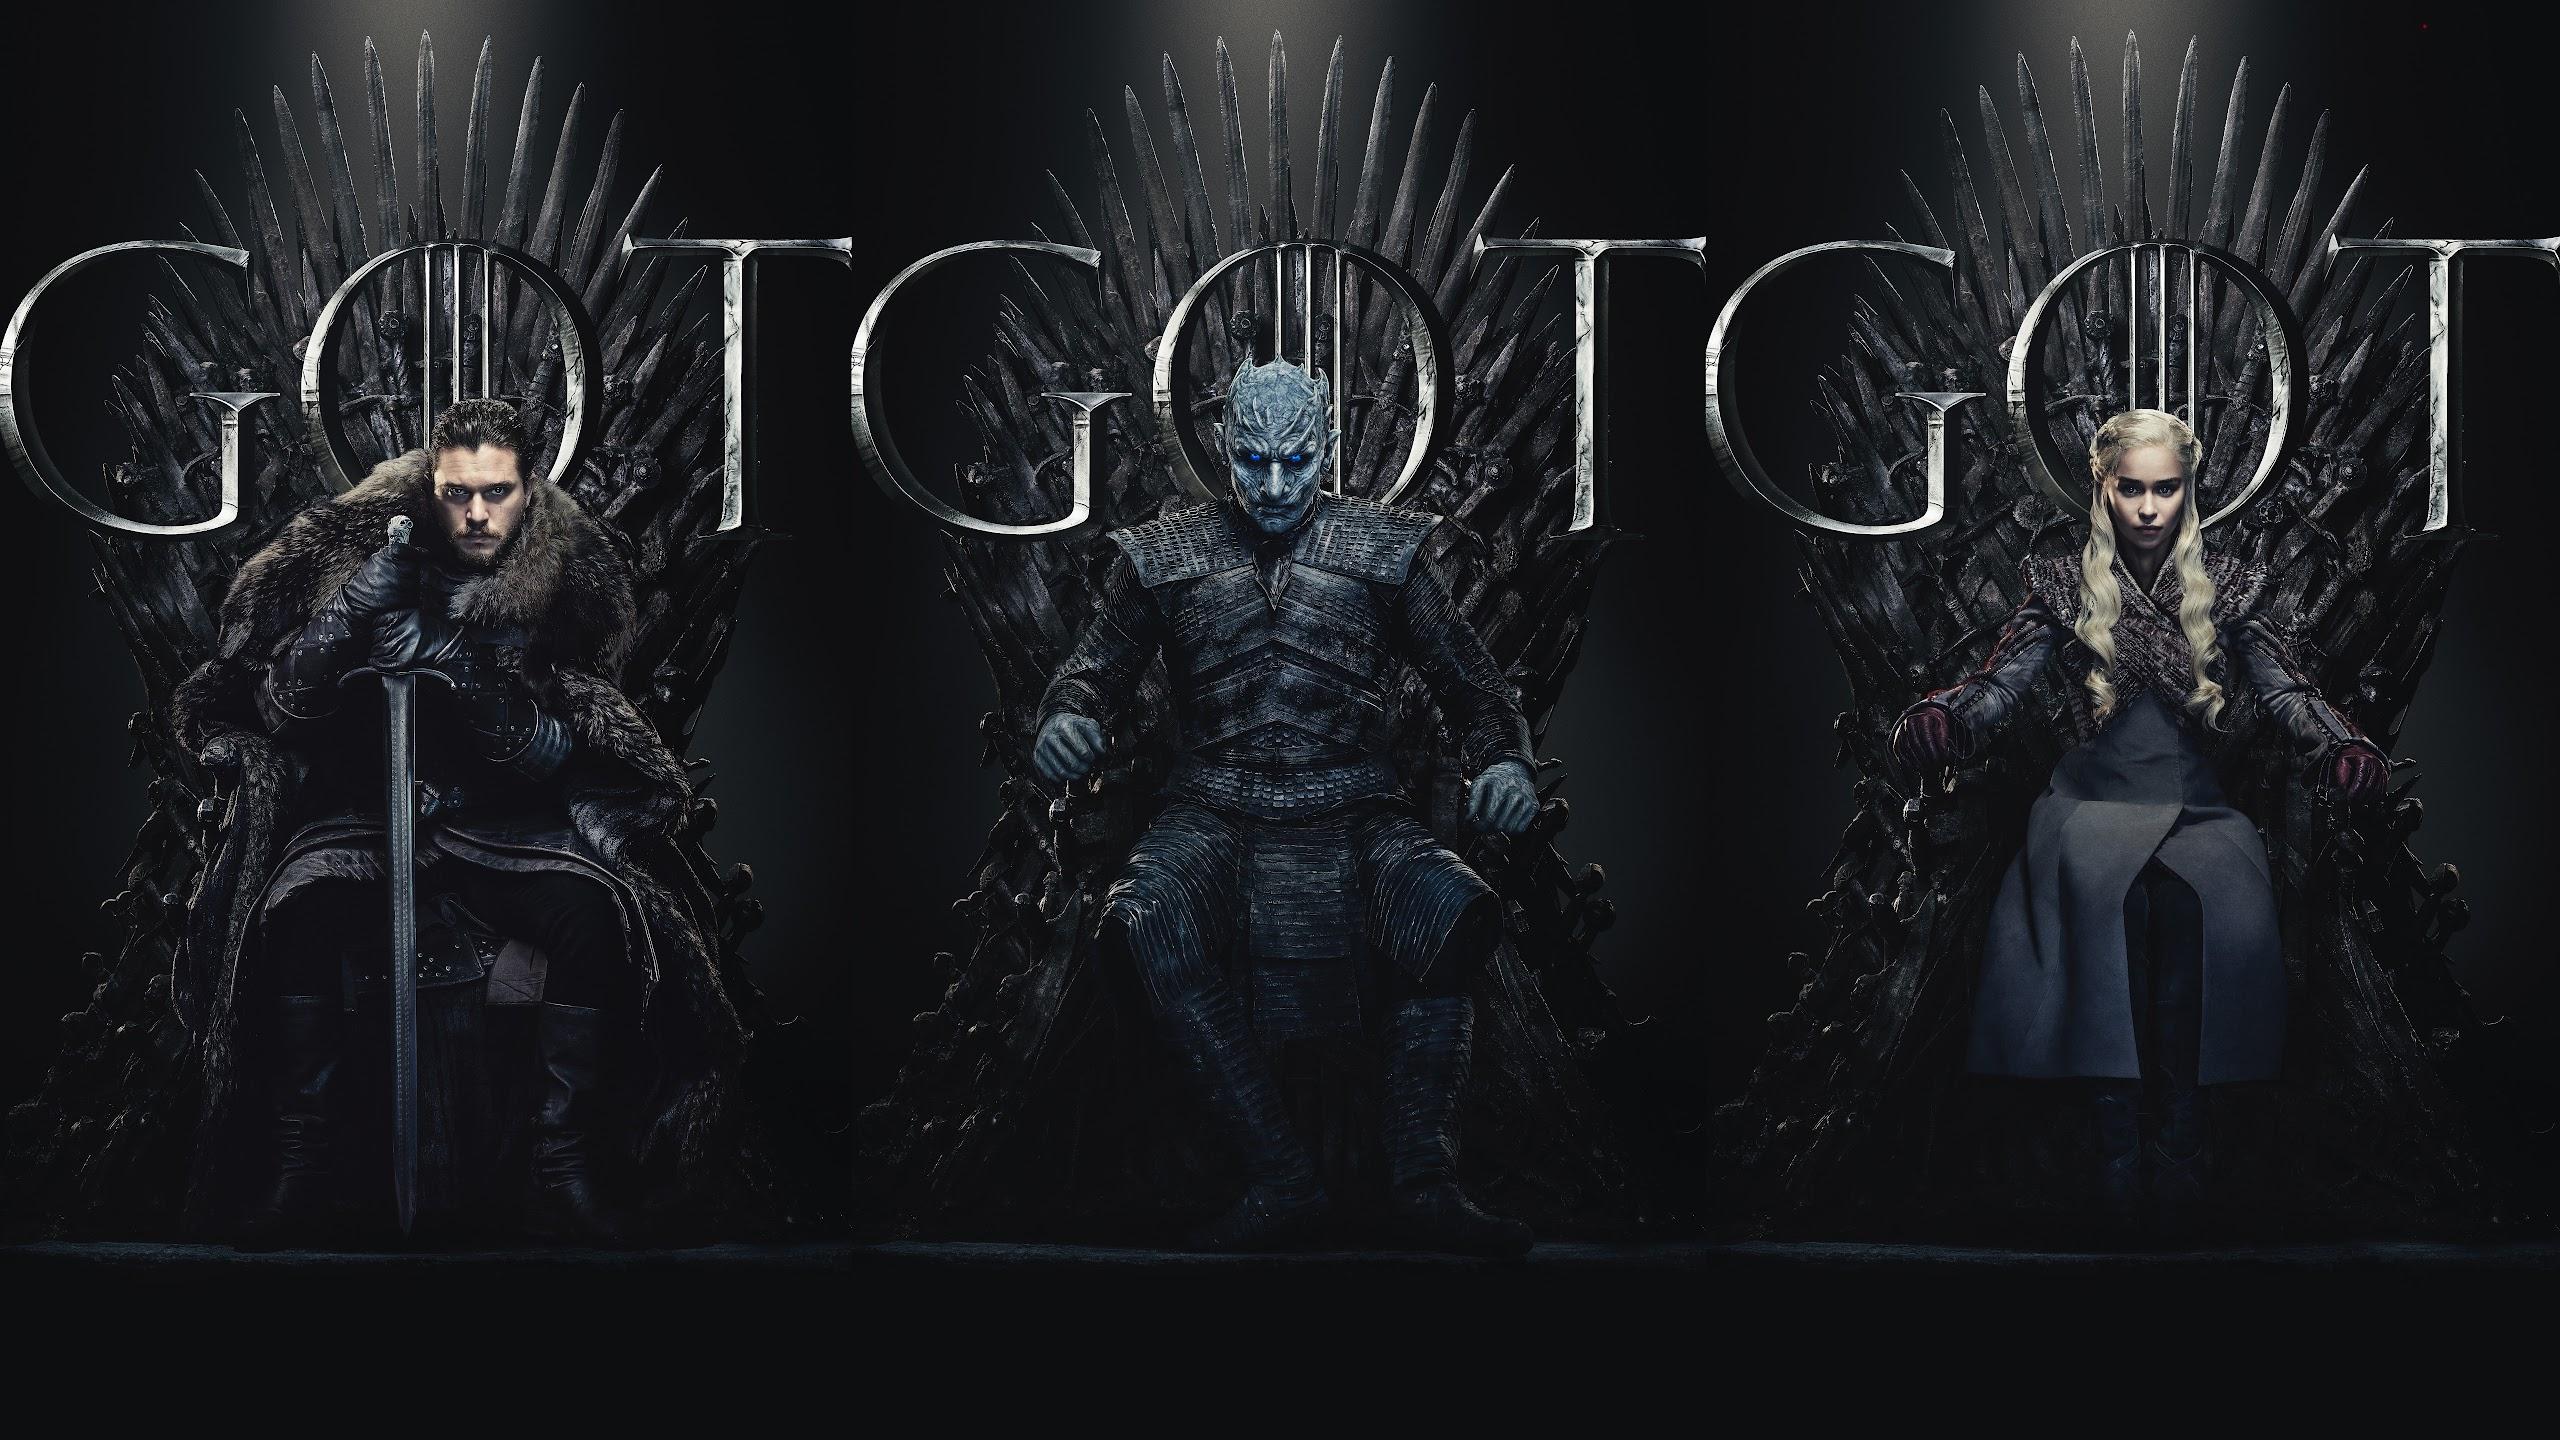 Jon Snow Night King Daenerys Targaryen Game Of Thrones